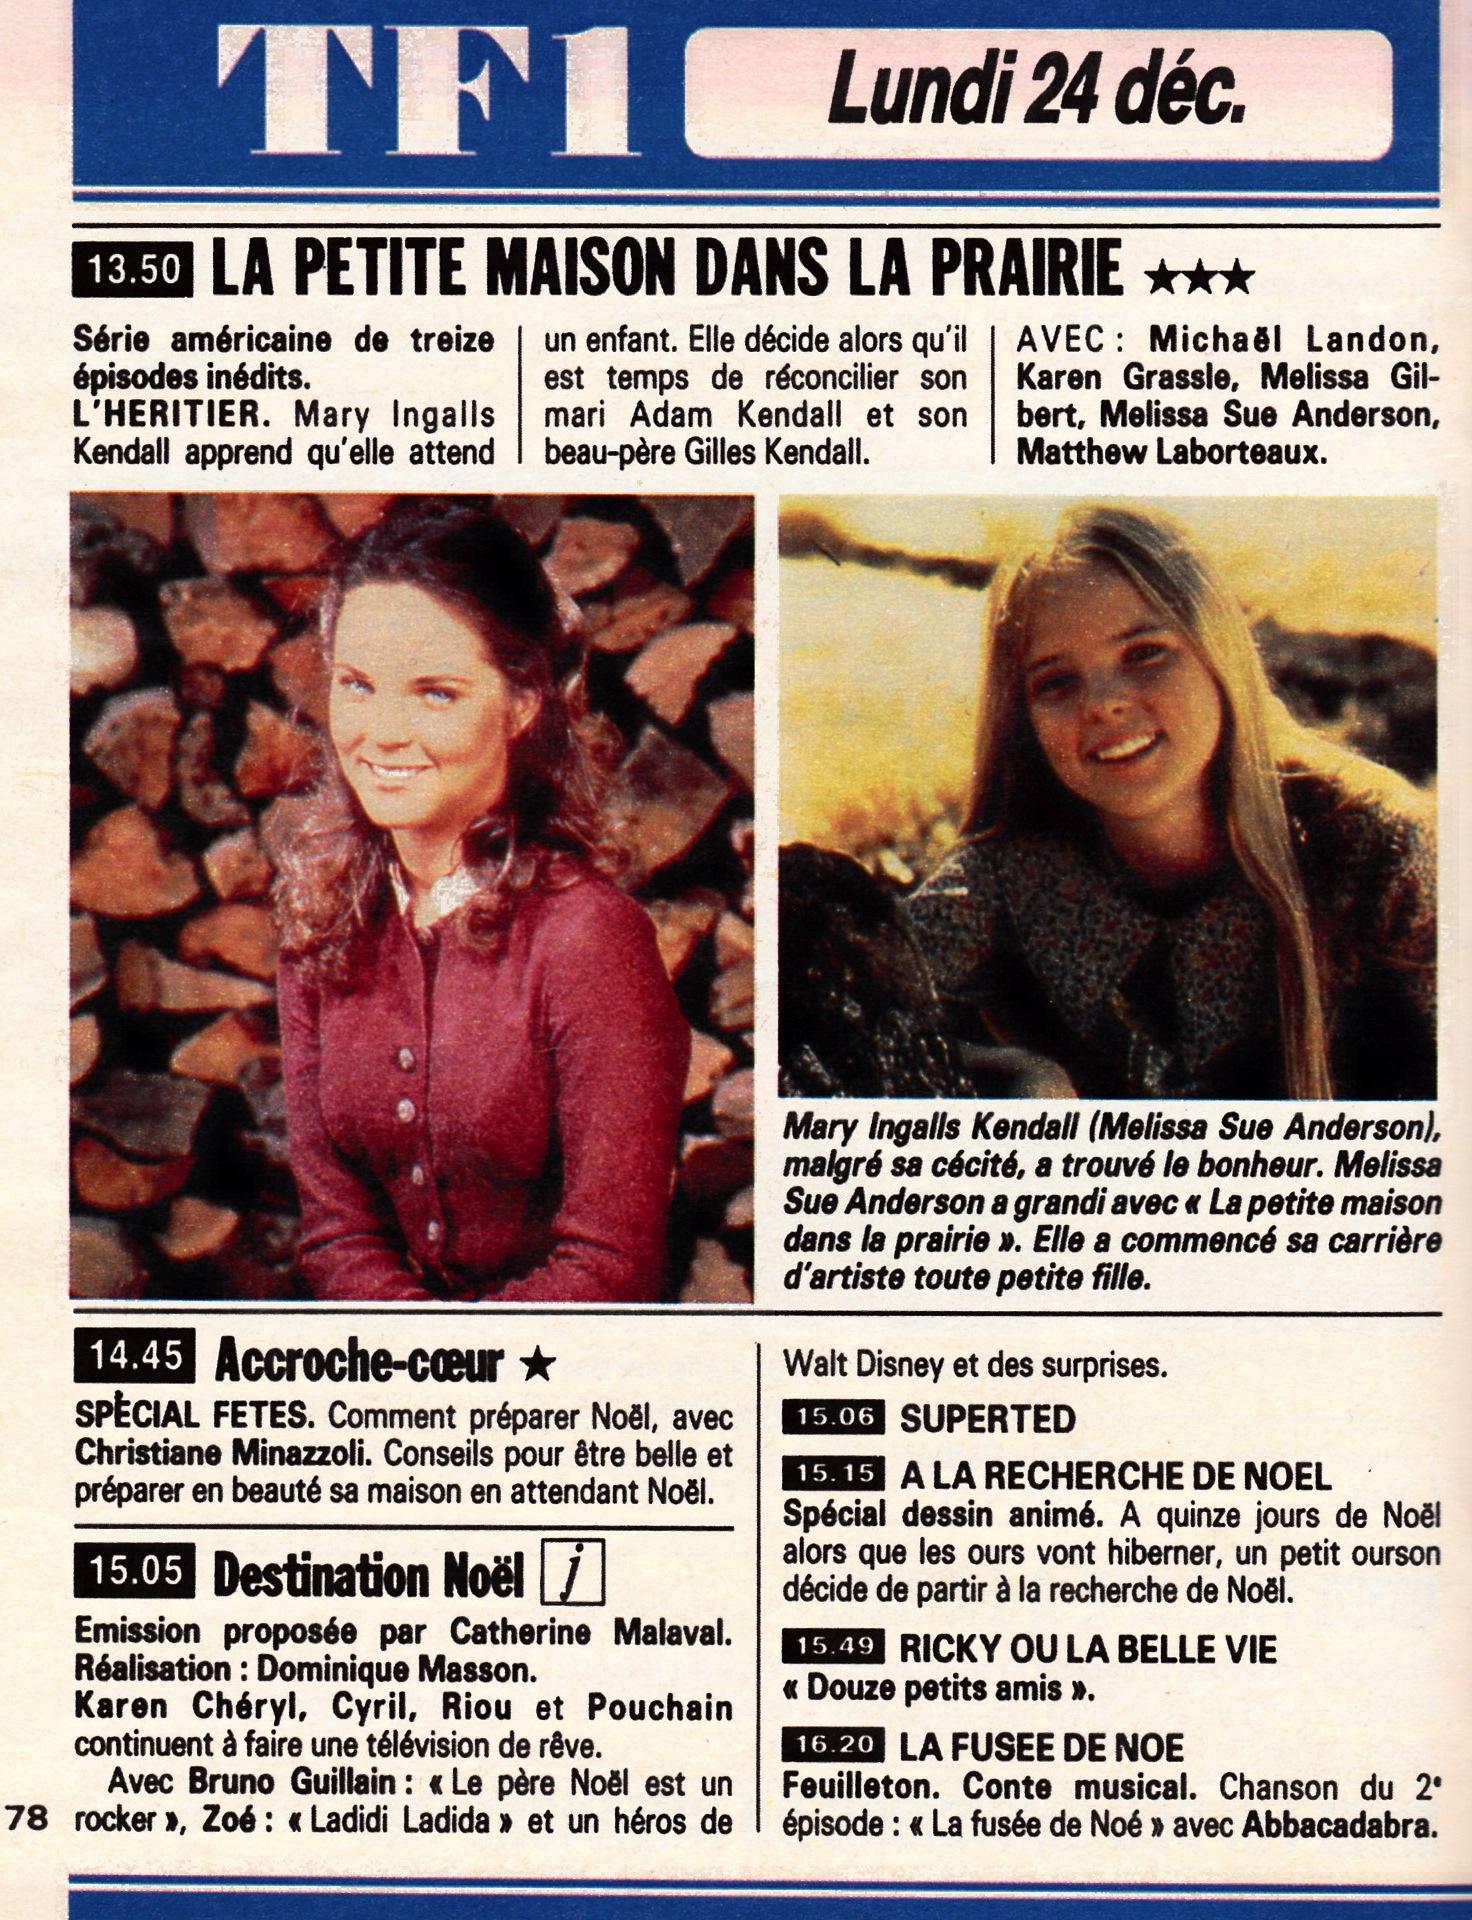 http://grenierdelatv.free.fr/2/destinationnoel24dec1984.jpg